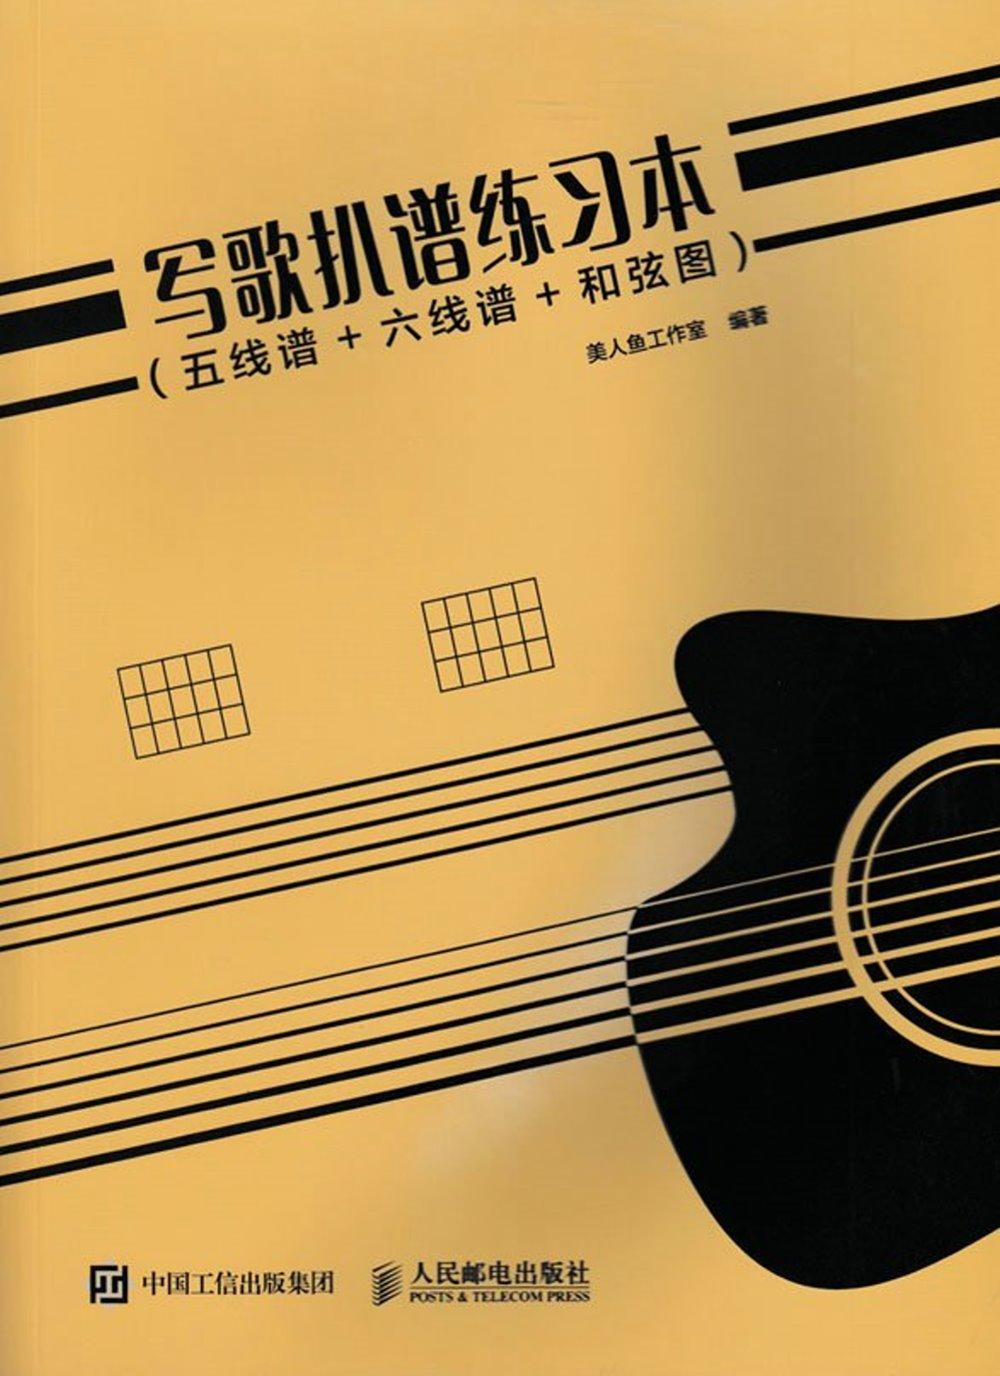 寫歌扒譜練習本(五線譜+六線譜+和弦圖)